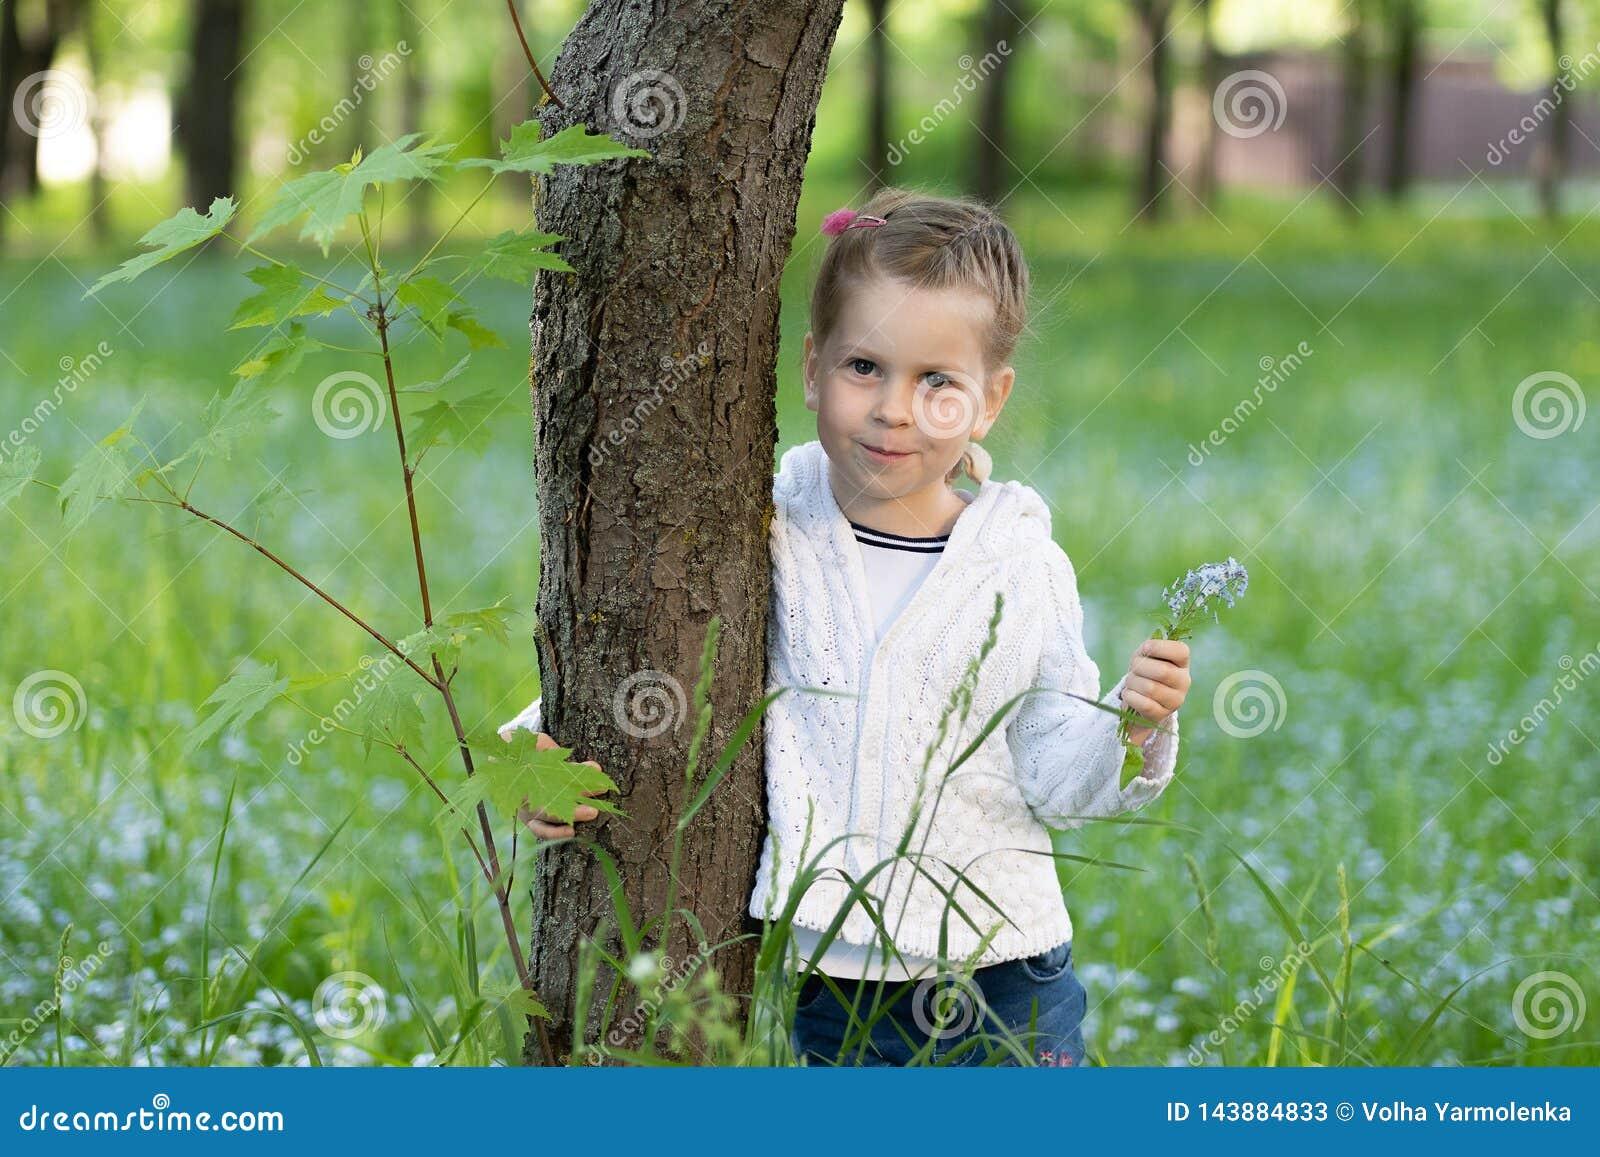 Fille d Ittle avec un groupe de myosotis des marais dans sa main jetant un coup d oeil par derrière un arbre